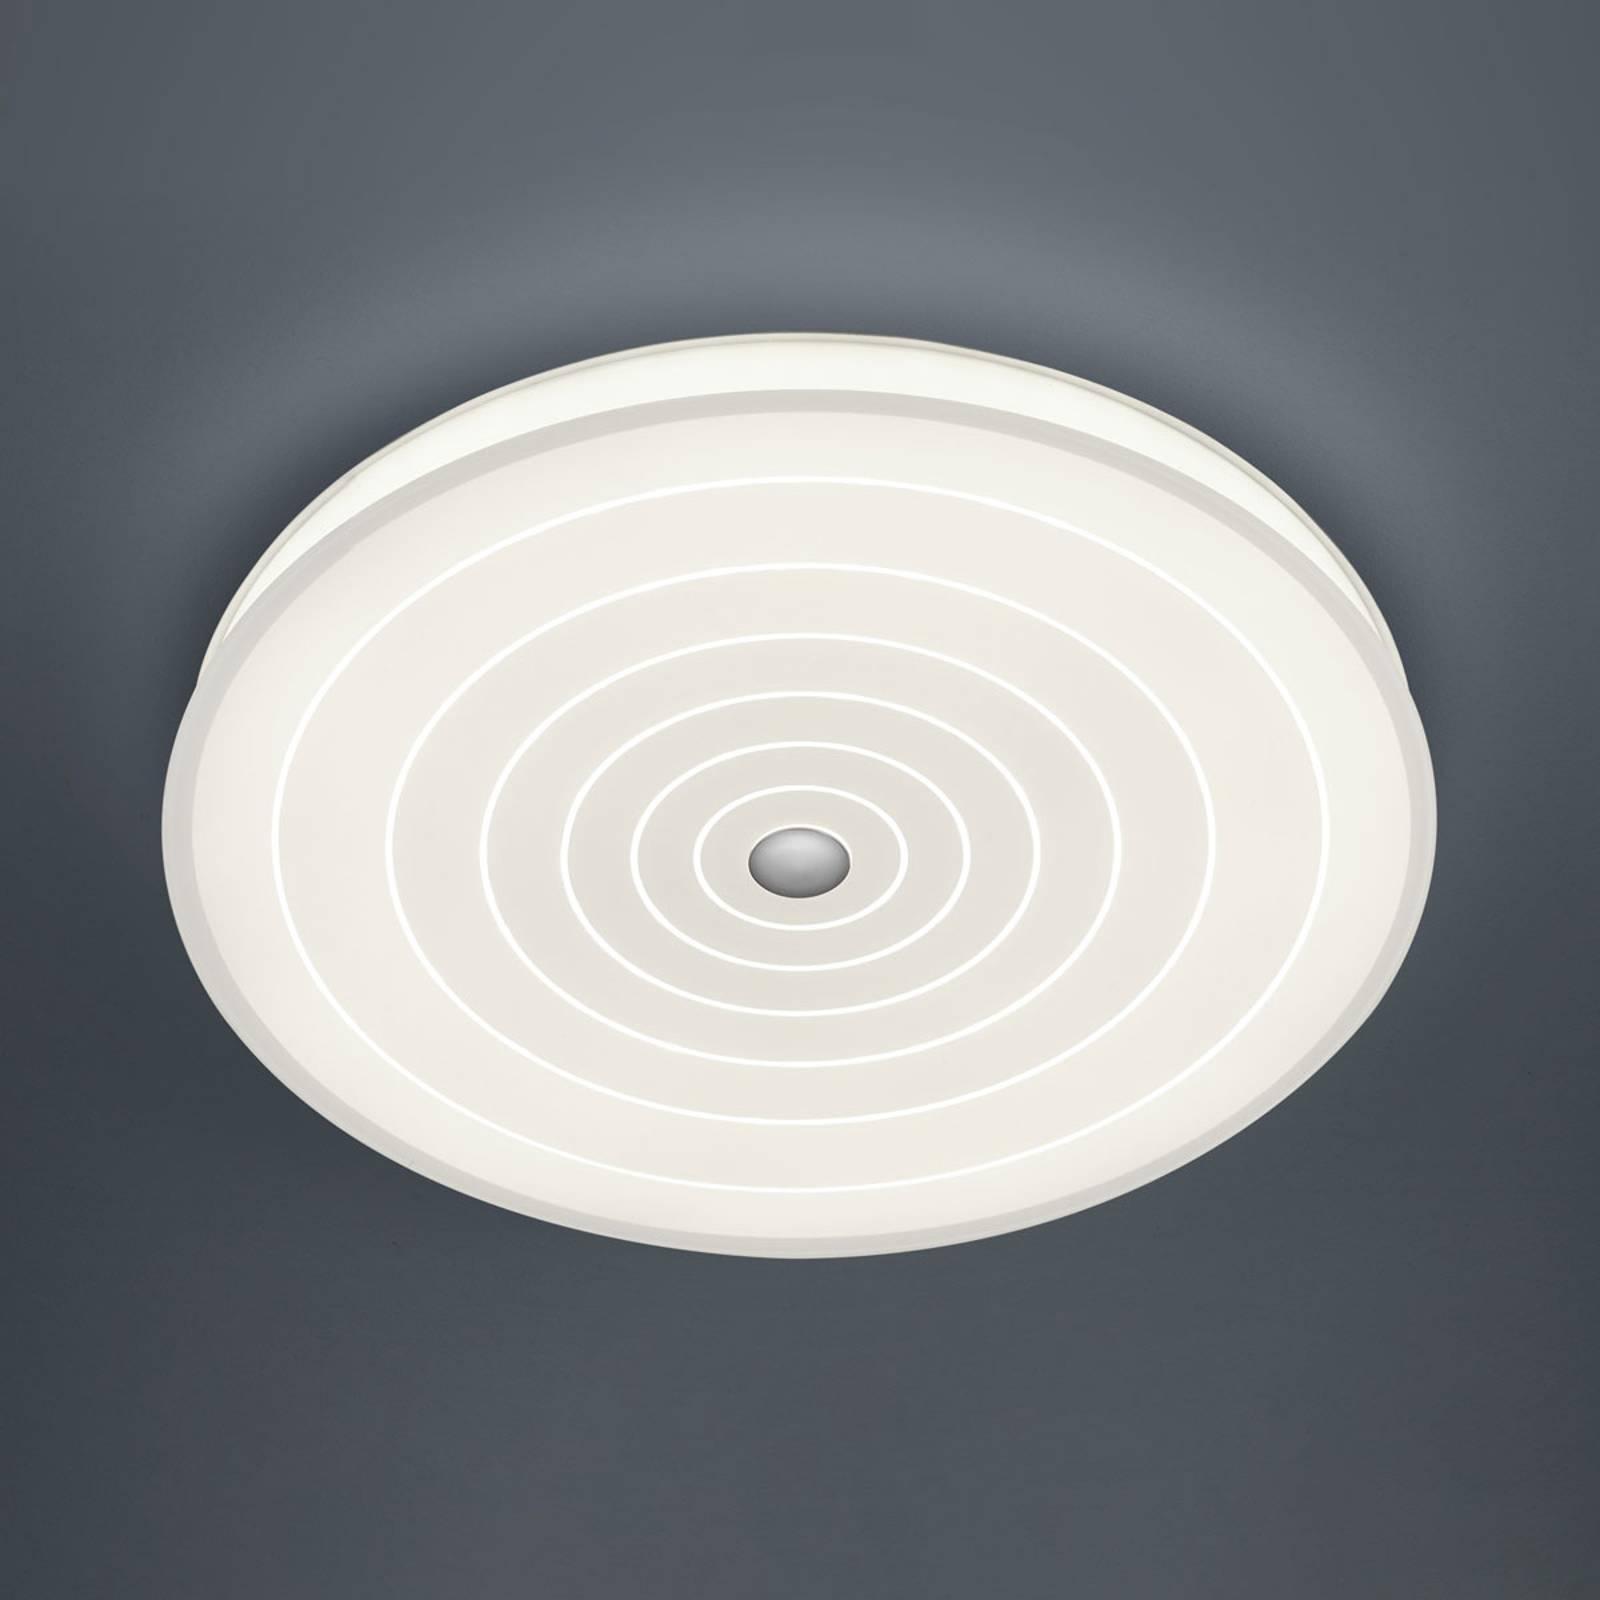 BANKAMP Mandala LED plafondlamp cirkel, Ø 42 cm